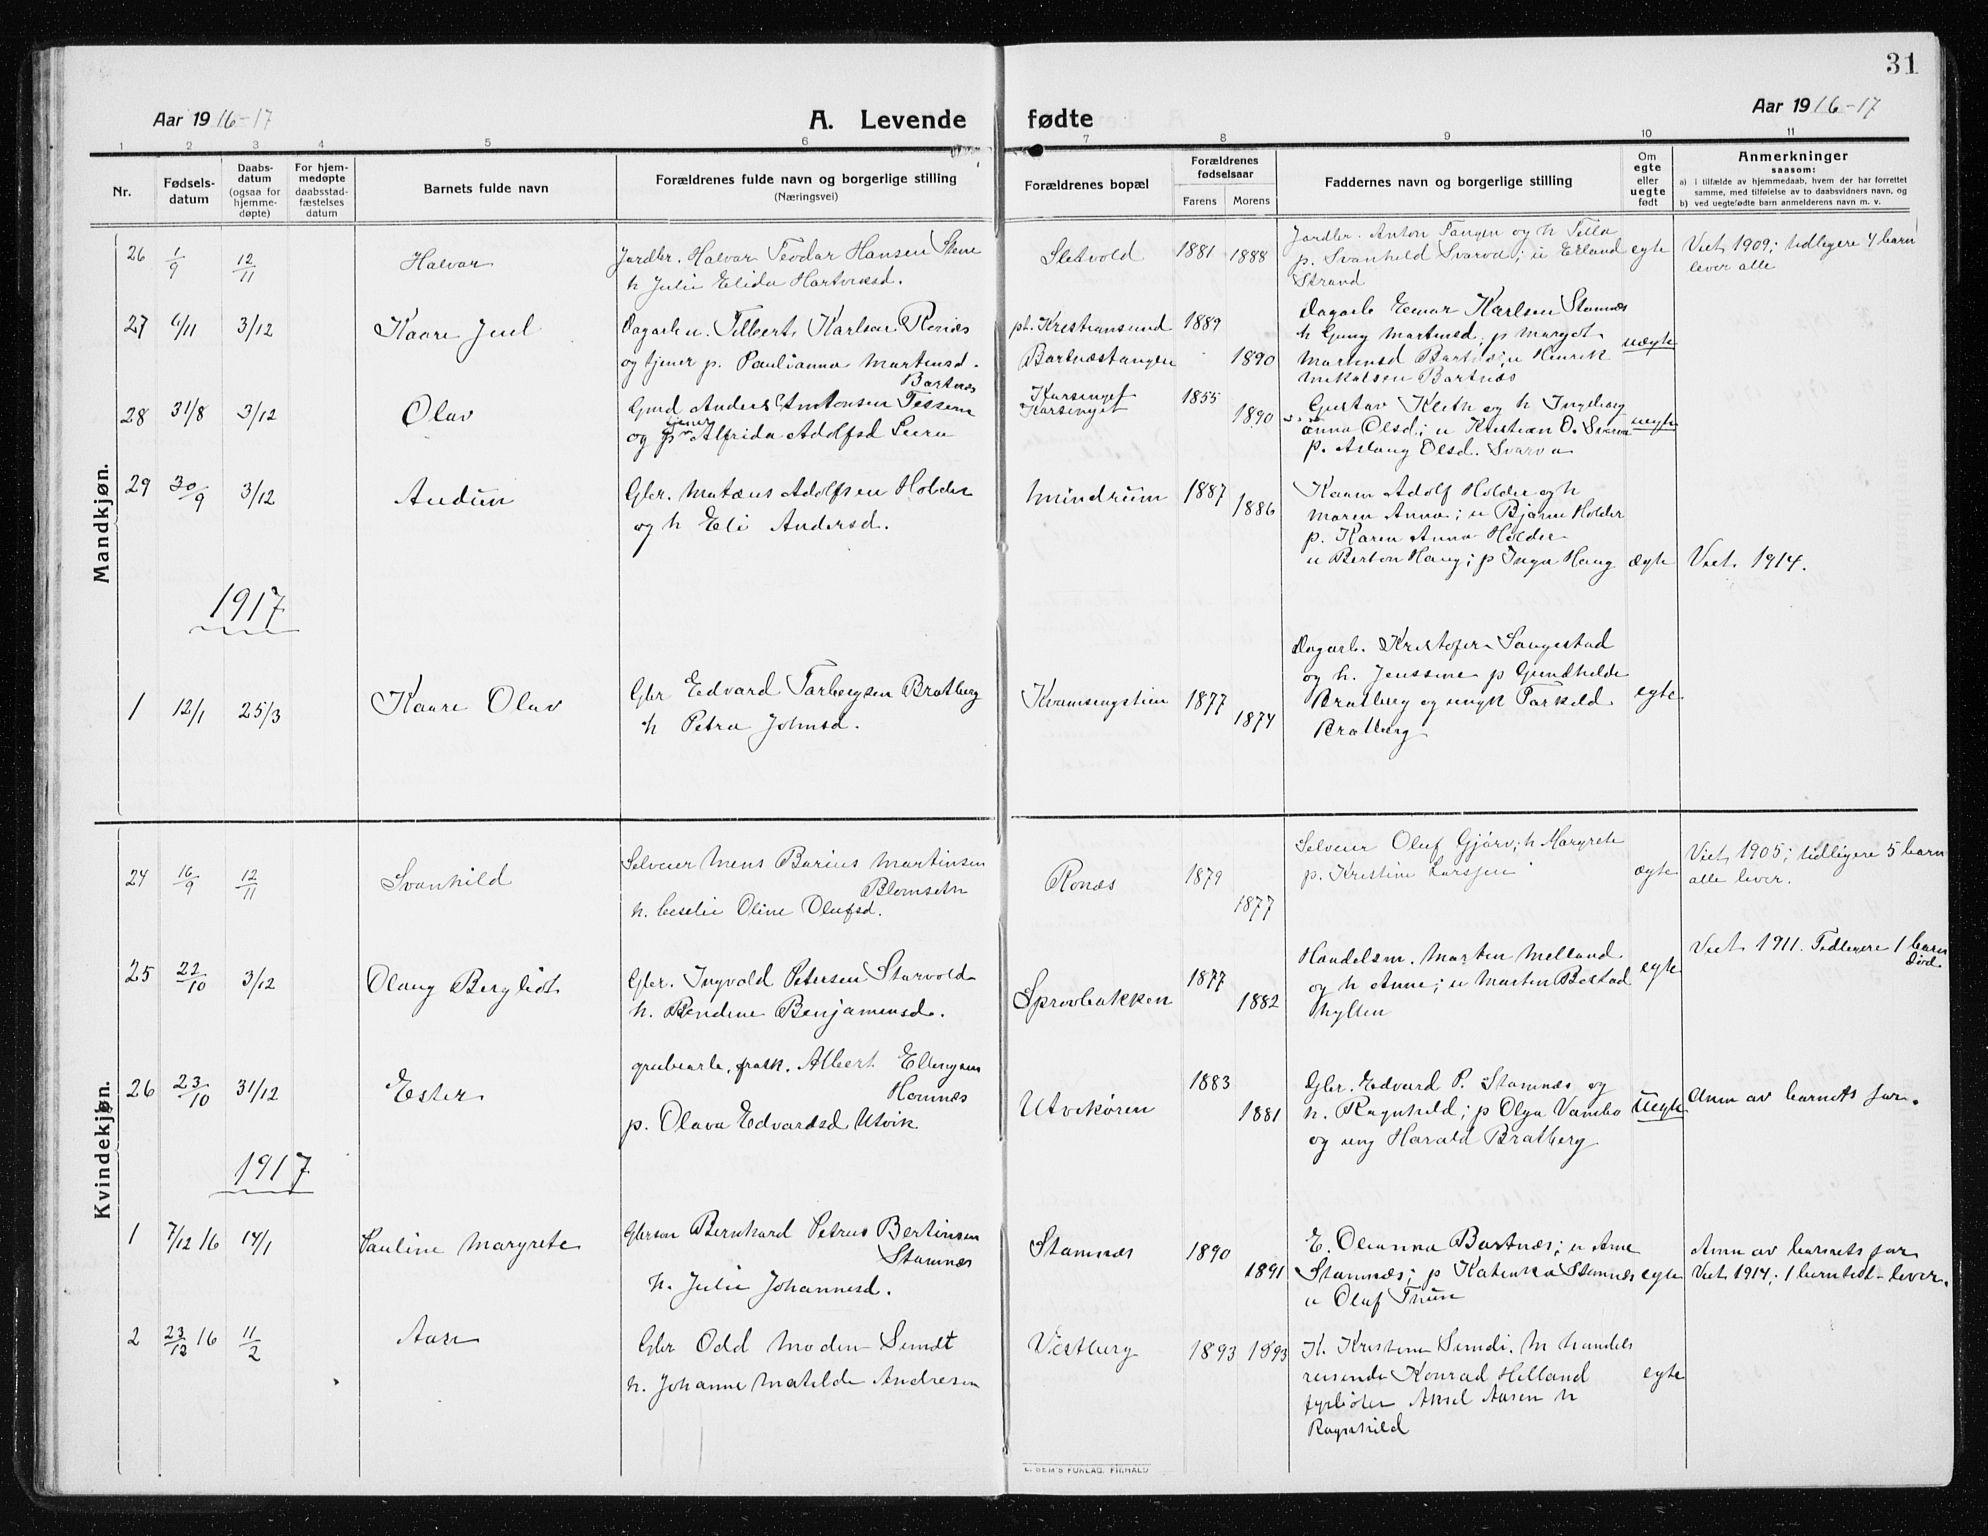 SAT, Ministerialprotokoller, klokkerbøker og fødselsregistre - Nord-Trøndelag, 741/L0402: Klokkerbok nr. 741C03, 1911-1926, s. 31